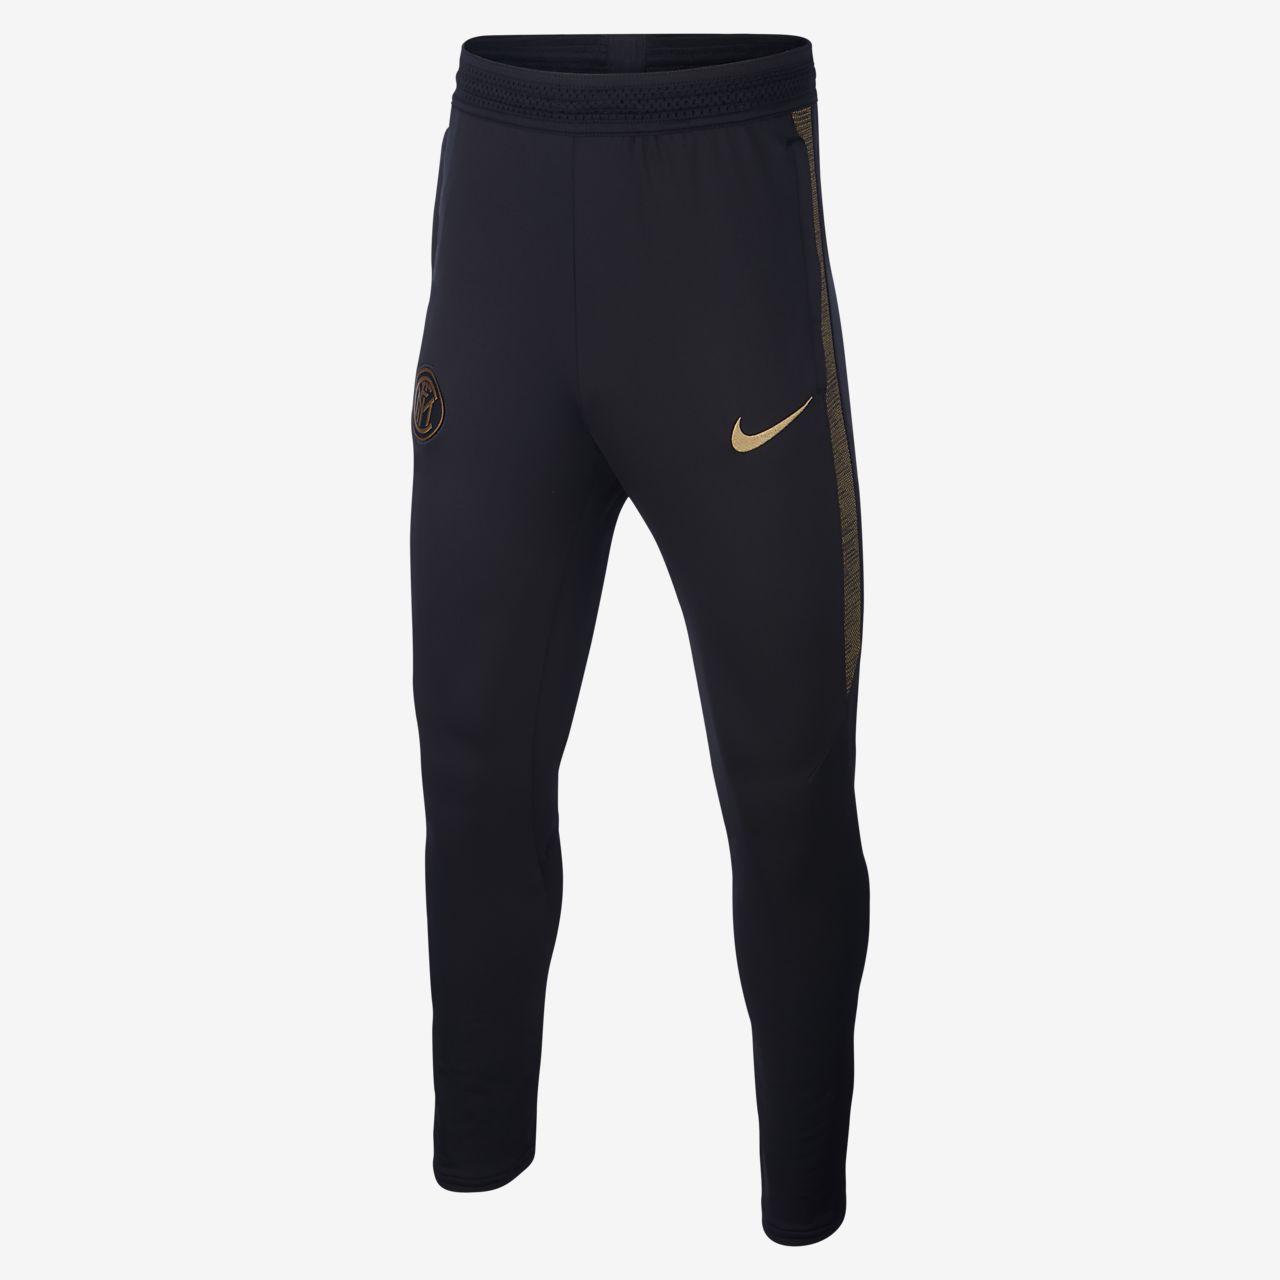 Ποδοσφαιρικό παντελόνι Nike Dri-FIT Inter Milan Strike για μεγάλα παιδιά